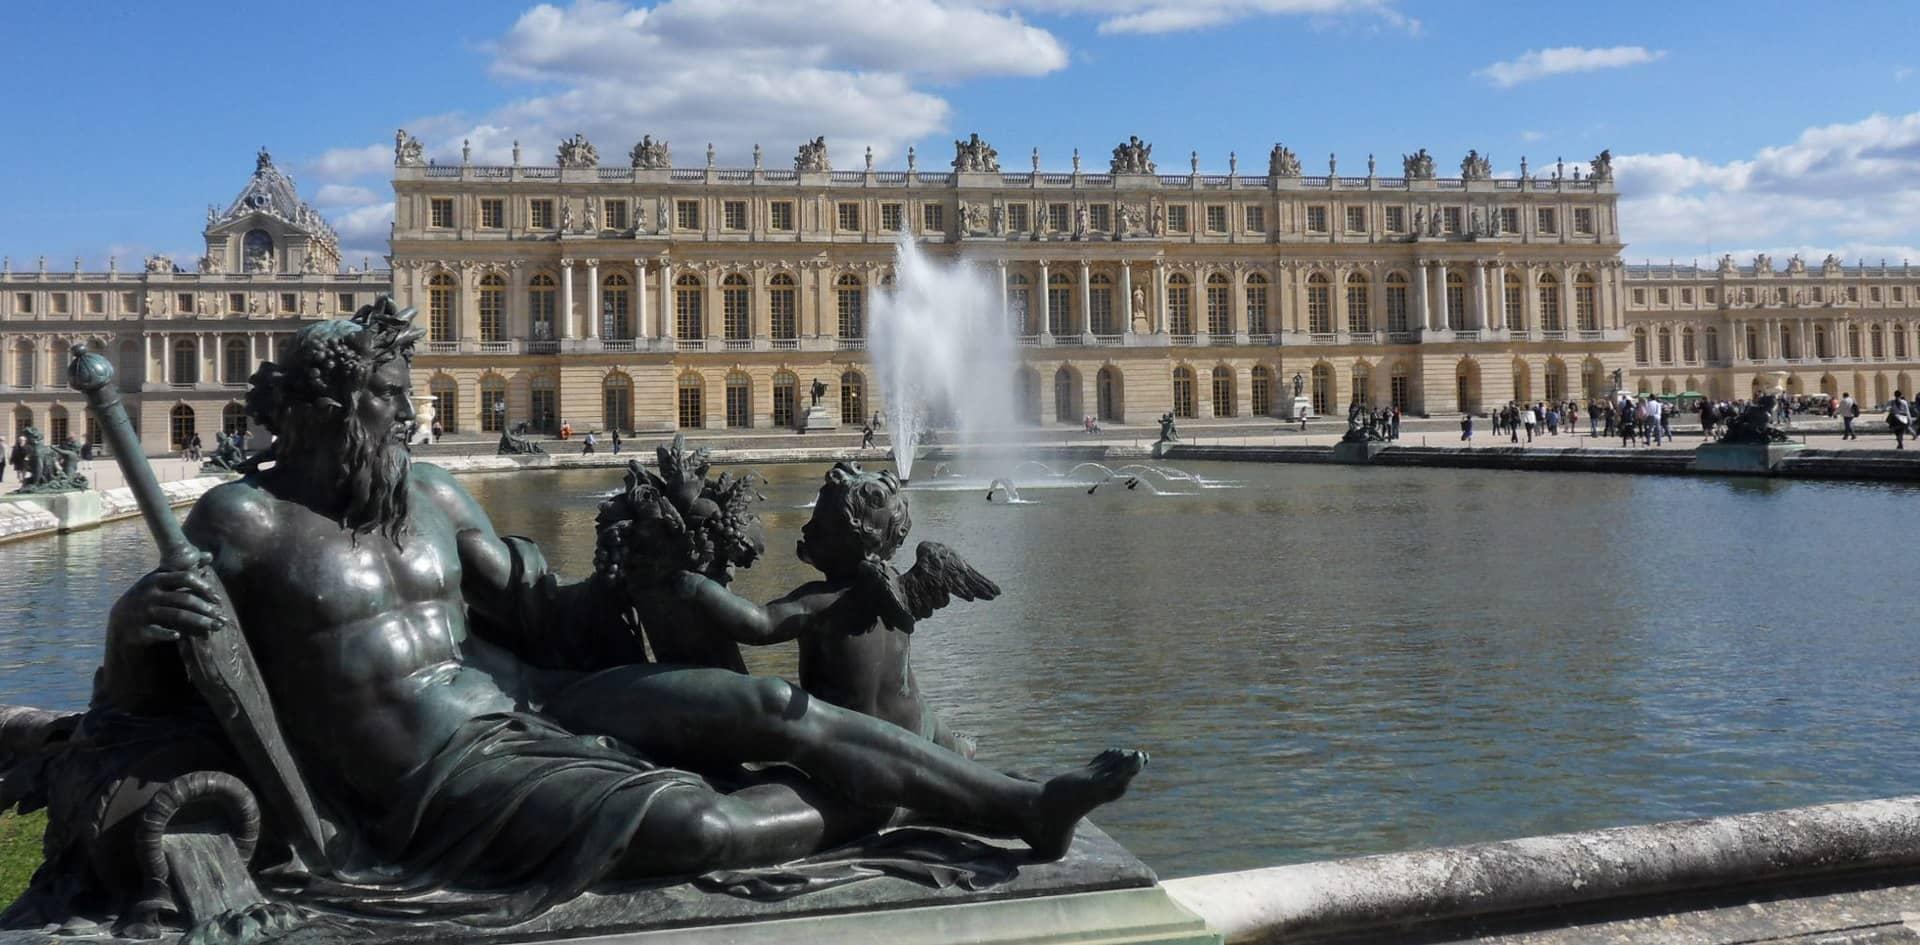 A escultura Le Seine, projetada por Girardon, foi uma das 16 figuras alegóricas colocadas ao redor do Parterre d'Eau (terraço aquático) no lado oeste do Palácio de Versalhes.